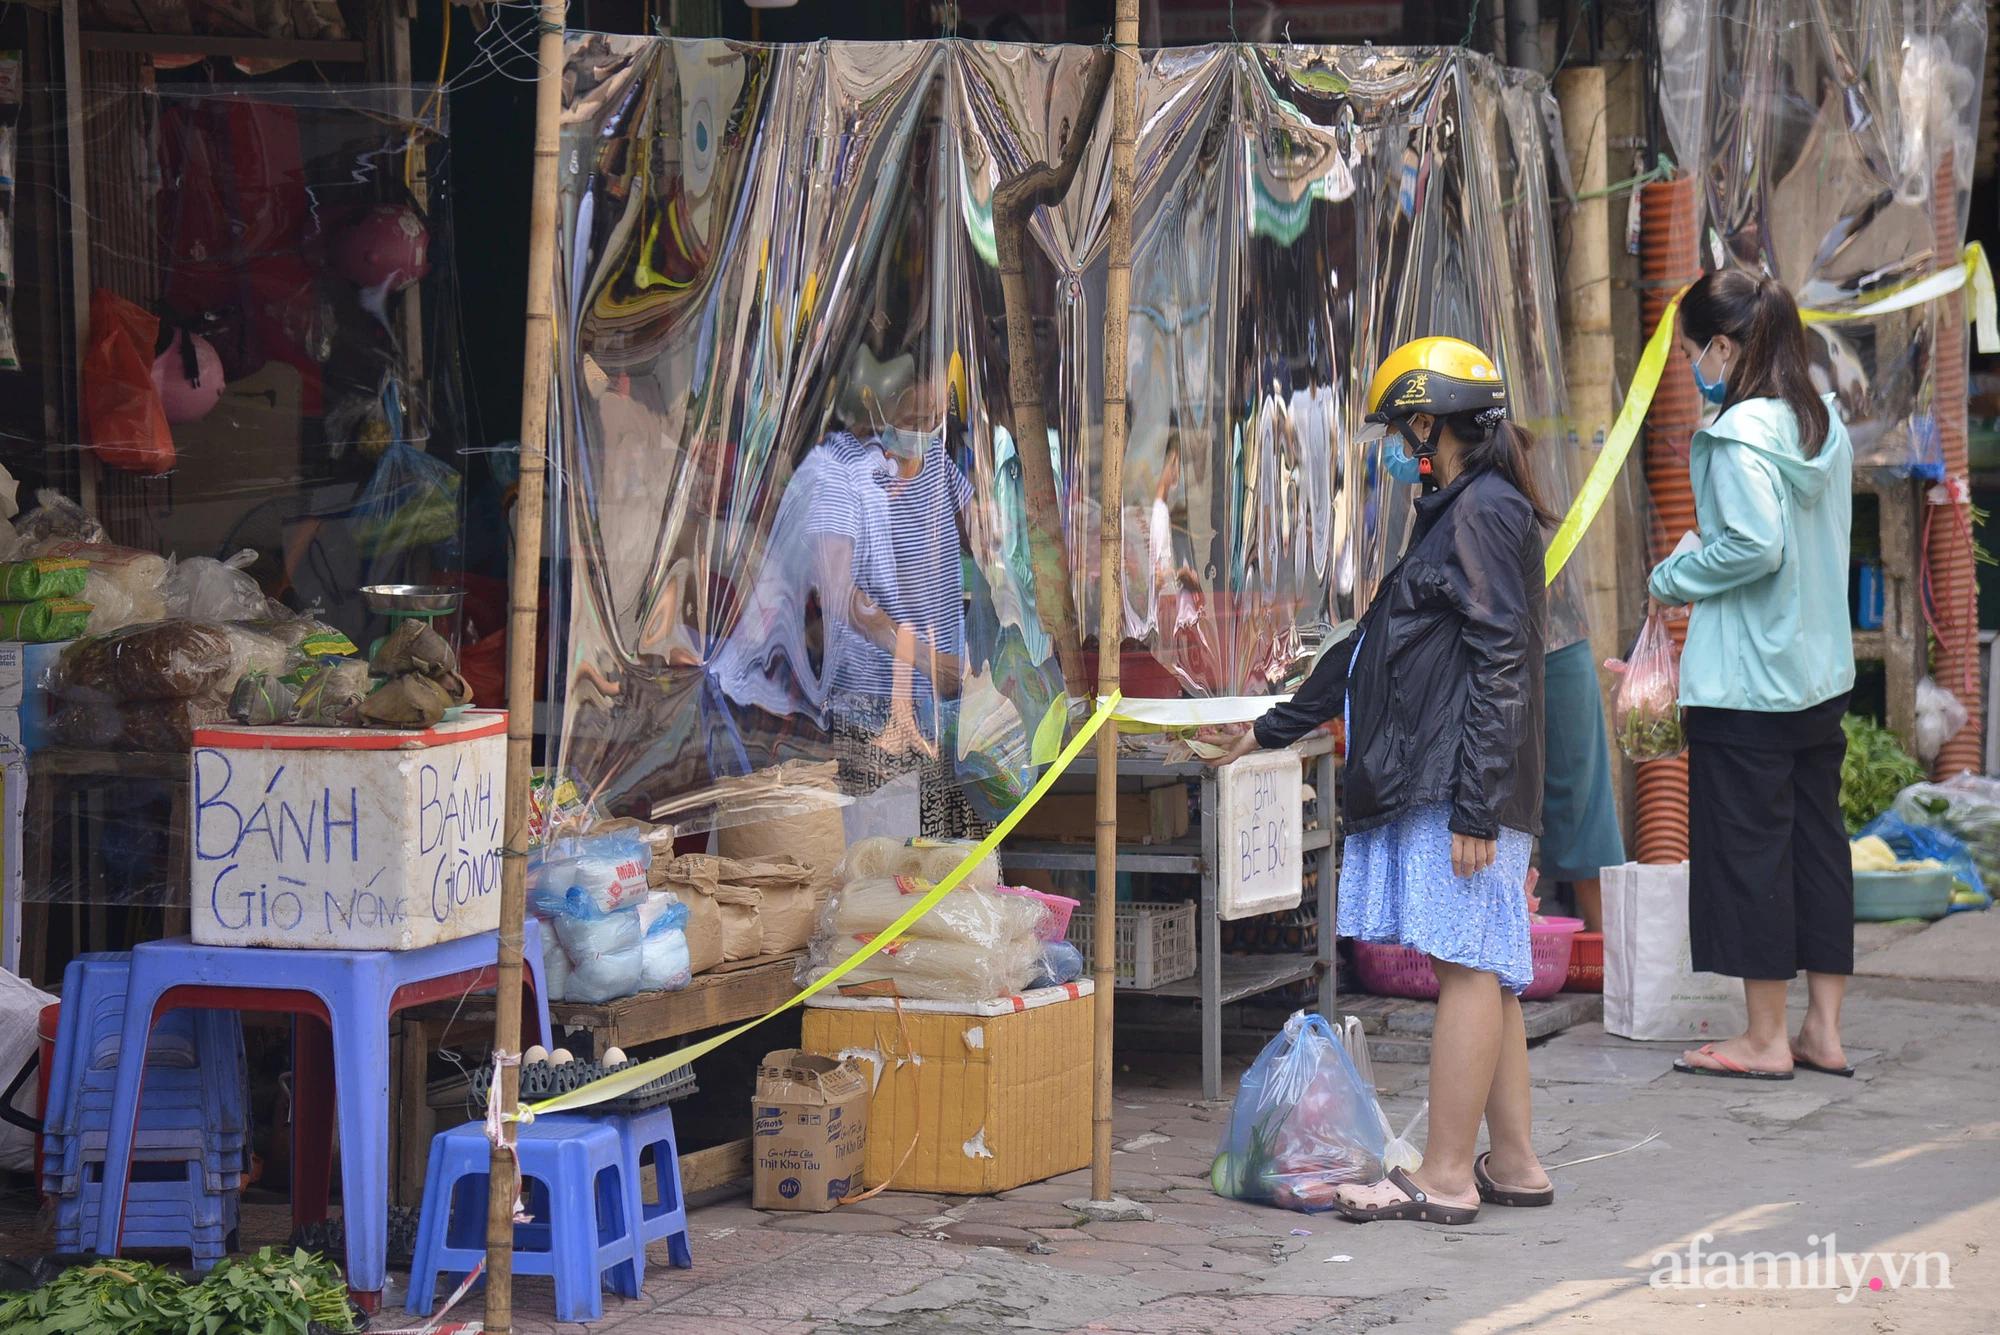 Ấn tượng với khu chợ dân sinh đầu tiên ở Hà Nội quây tấm nilon phòng dịch COVID-19, tiểu thương chia ca đứng bán theo ngày chẵn, lẻ - Ảnh 14.